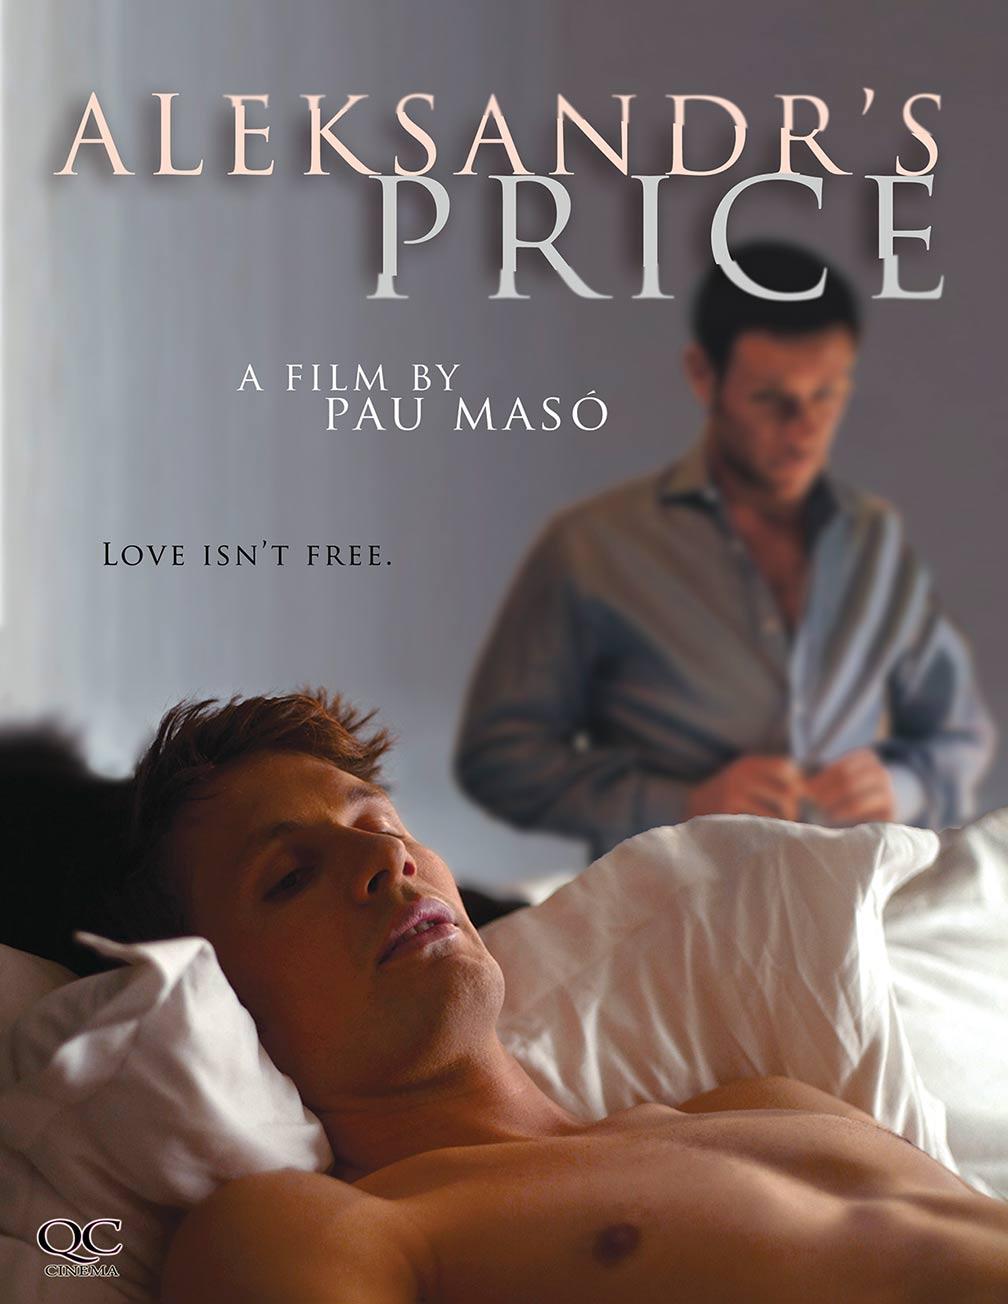 Aleksandr's Price Poster #2